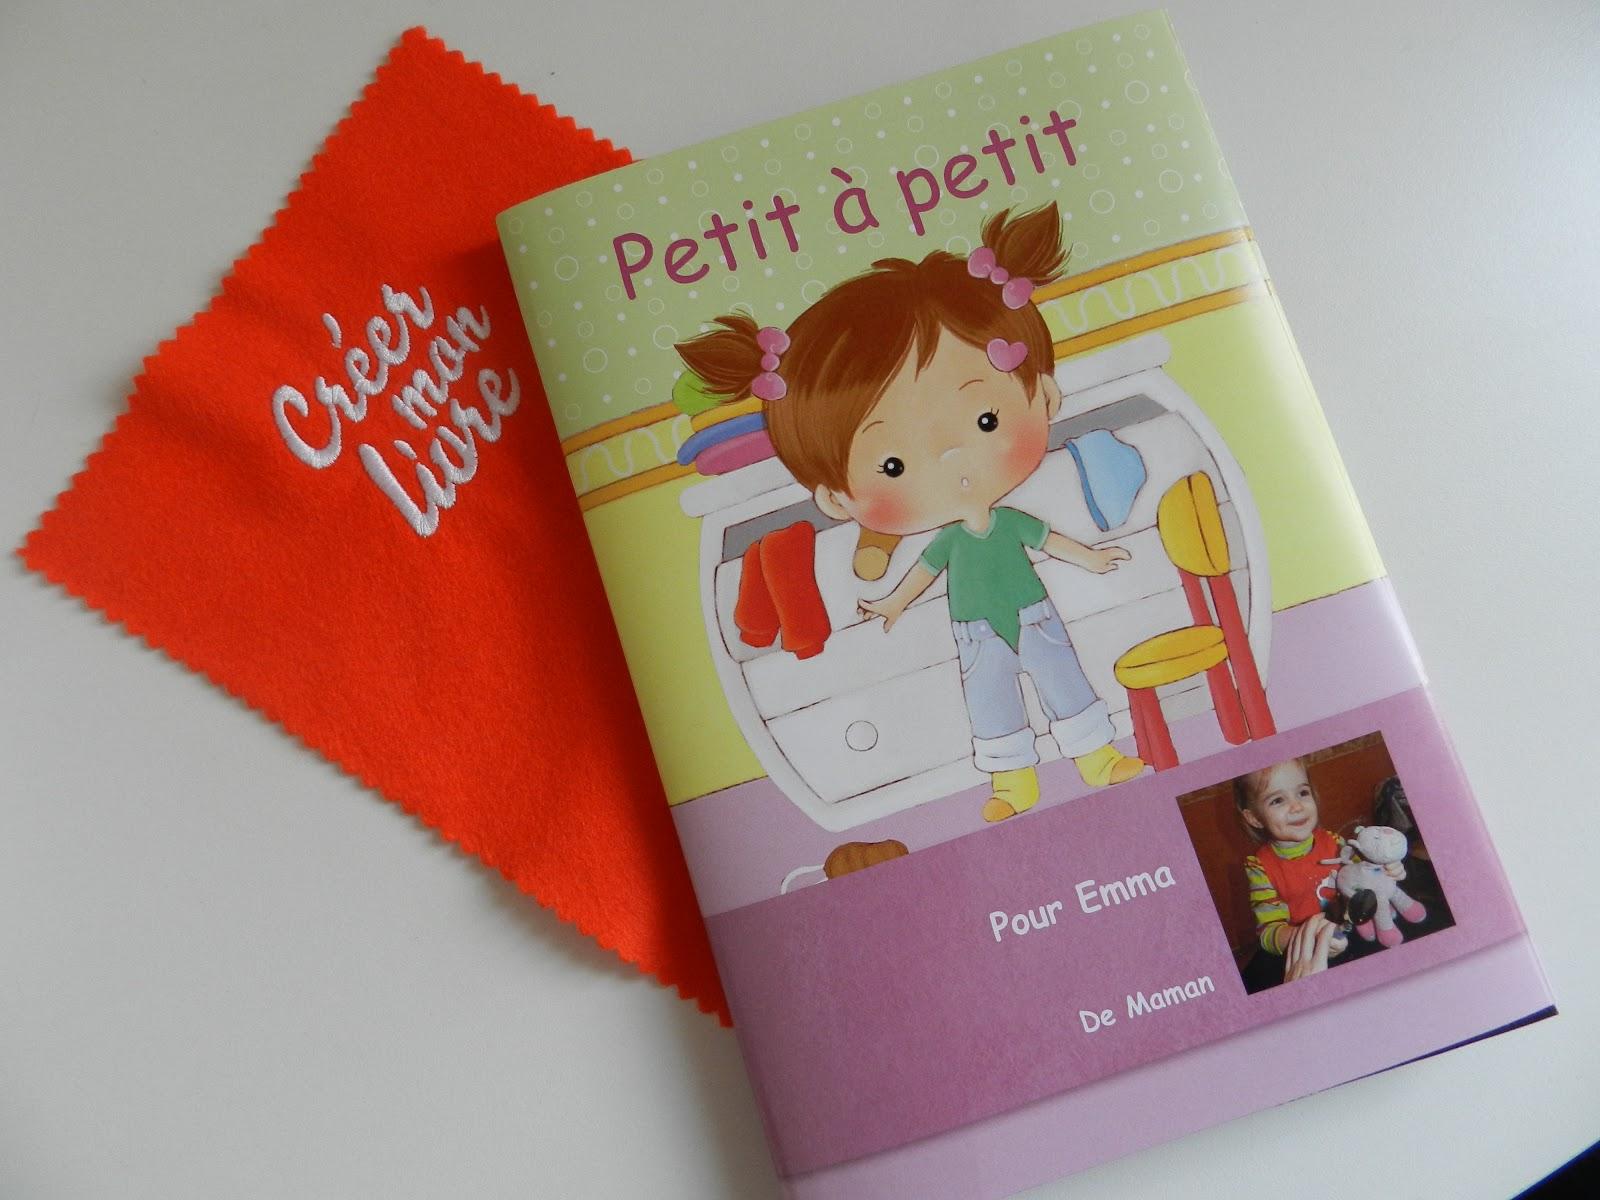 ana s et sa petite vie petit petit de cr er mon livre chut les enfants lisent. Black Bedroom Furniture Sets. Home Design Ideas